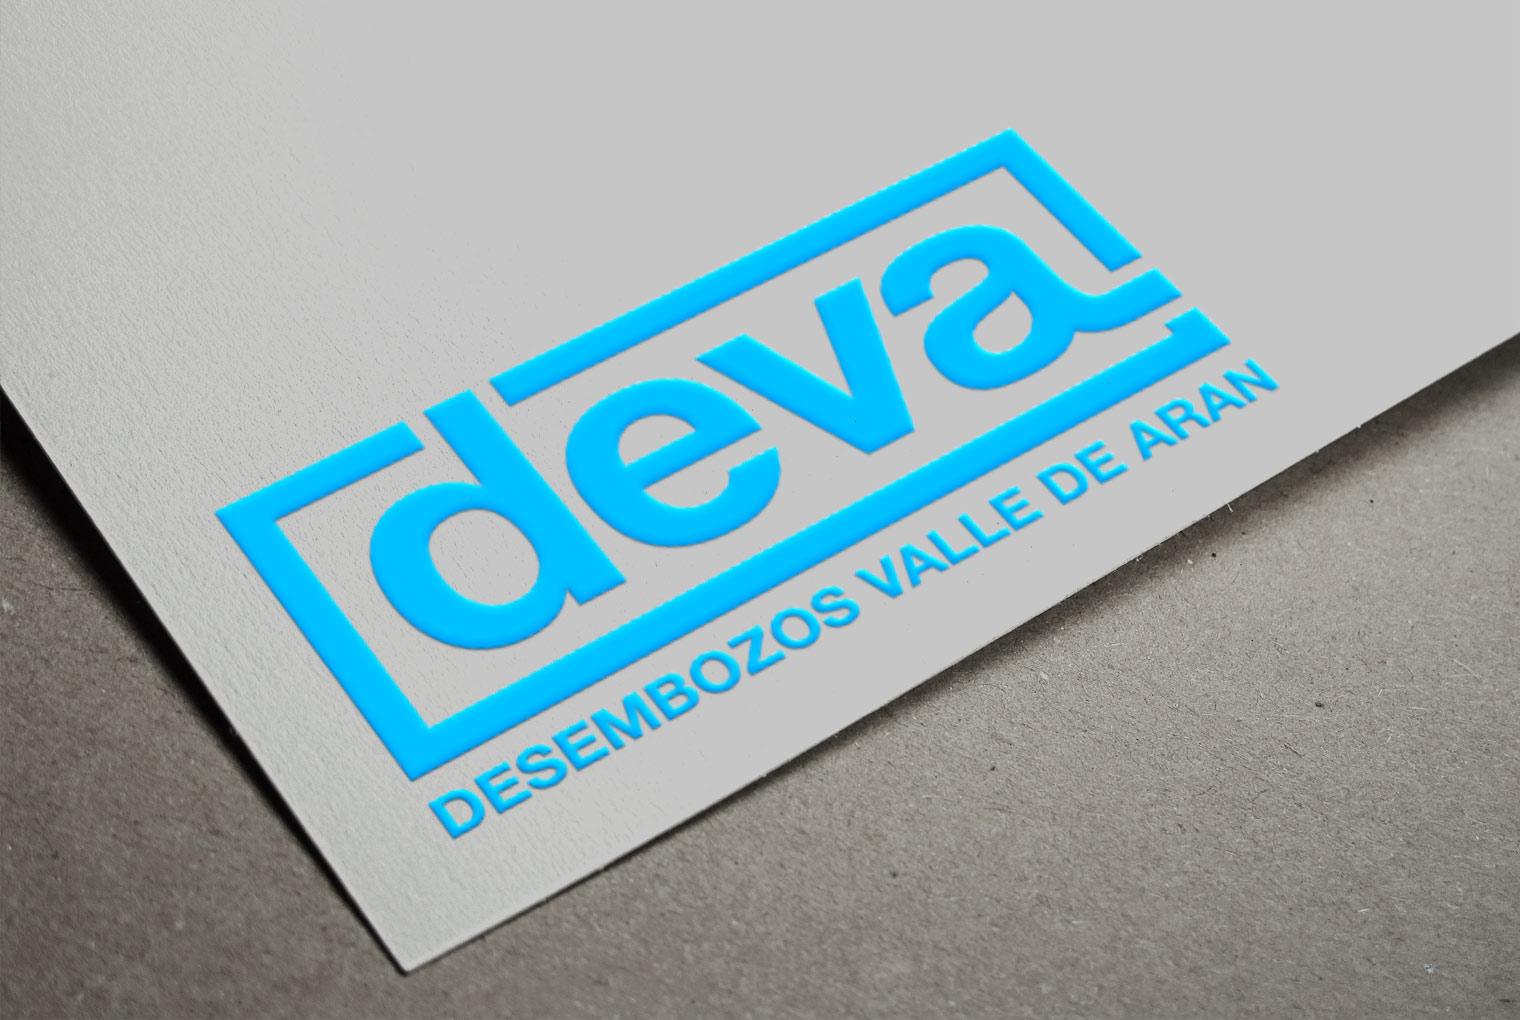 Logotipo-Deva